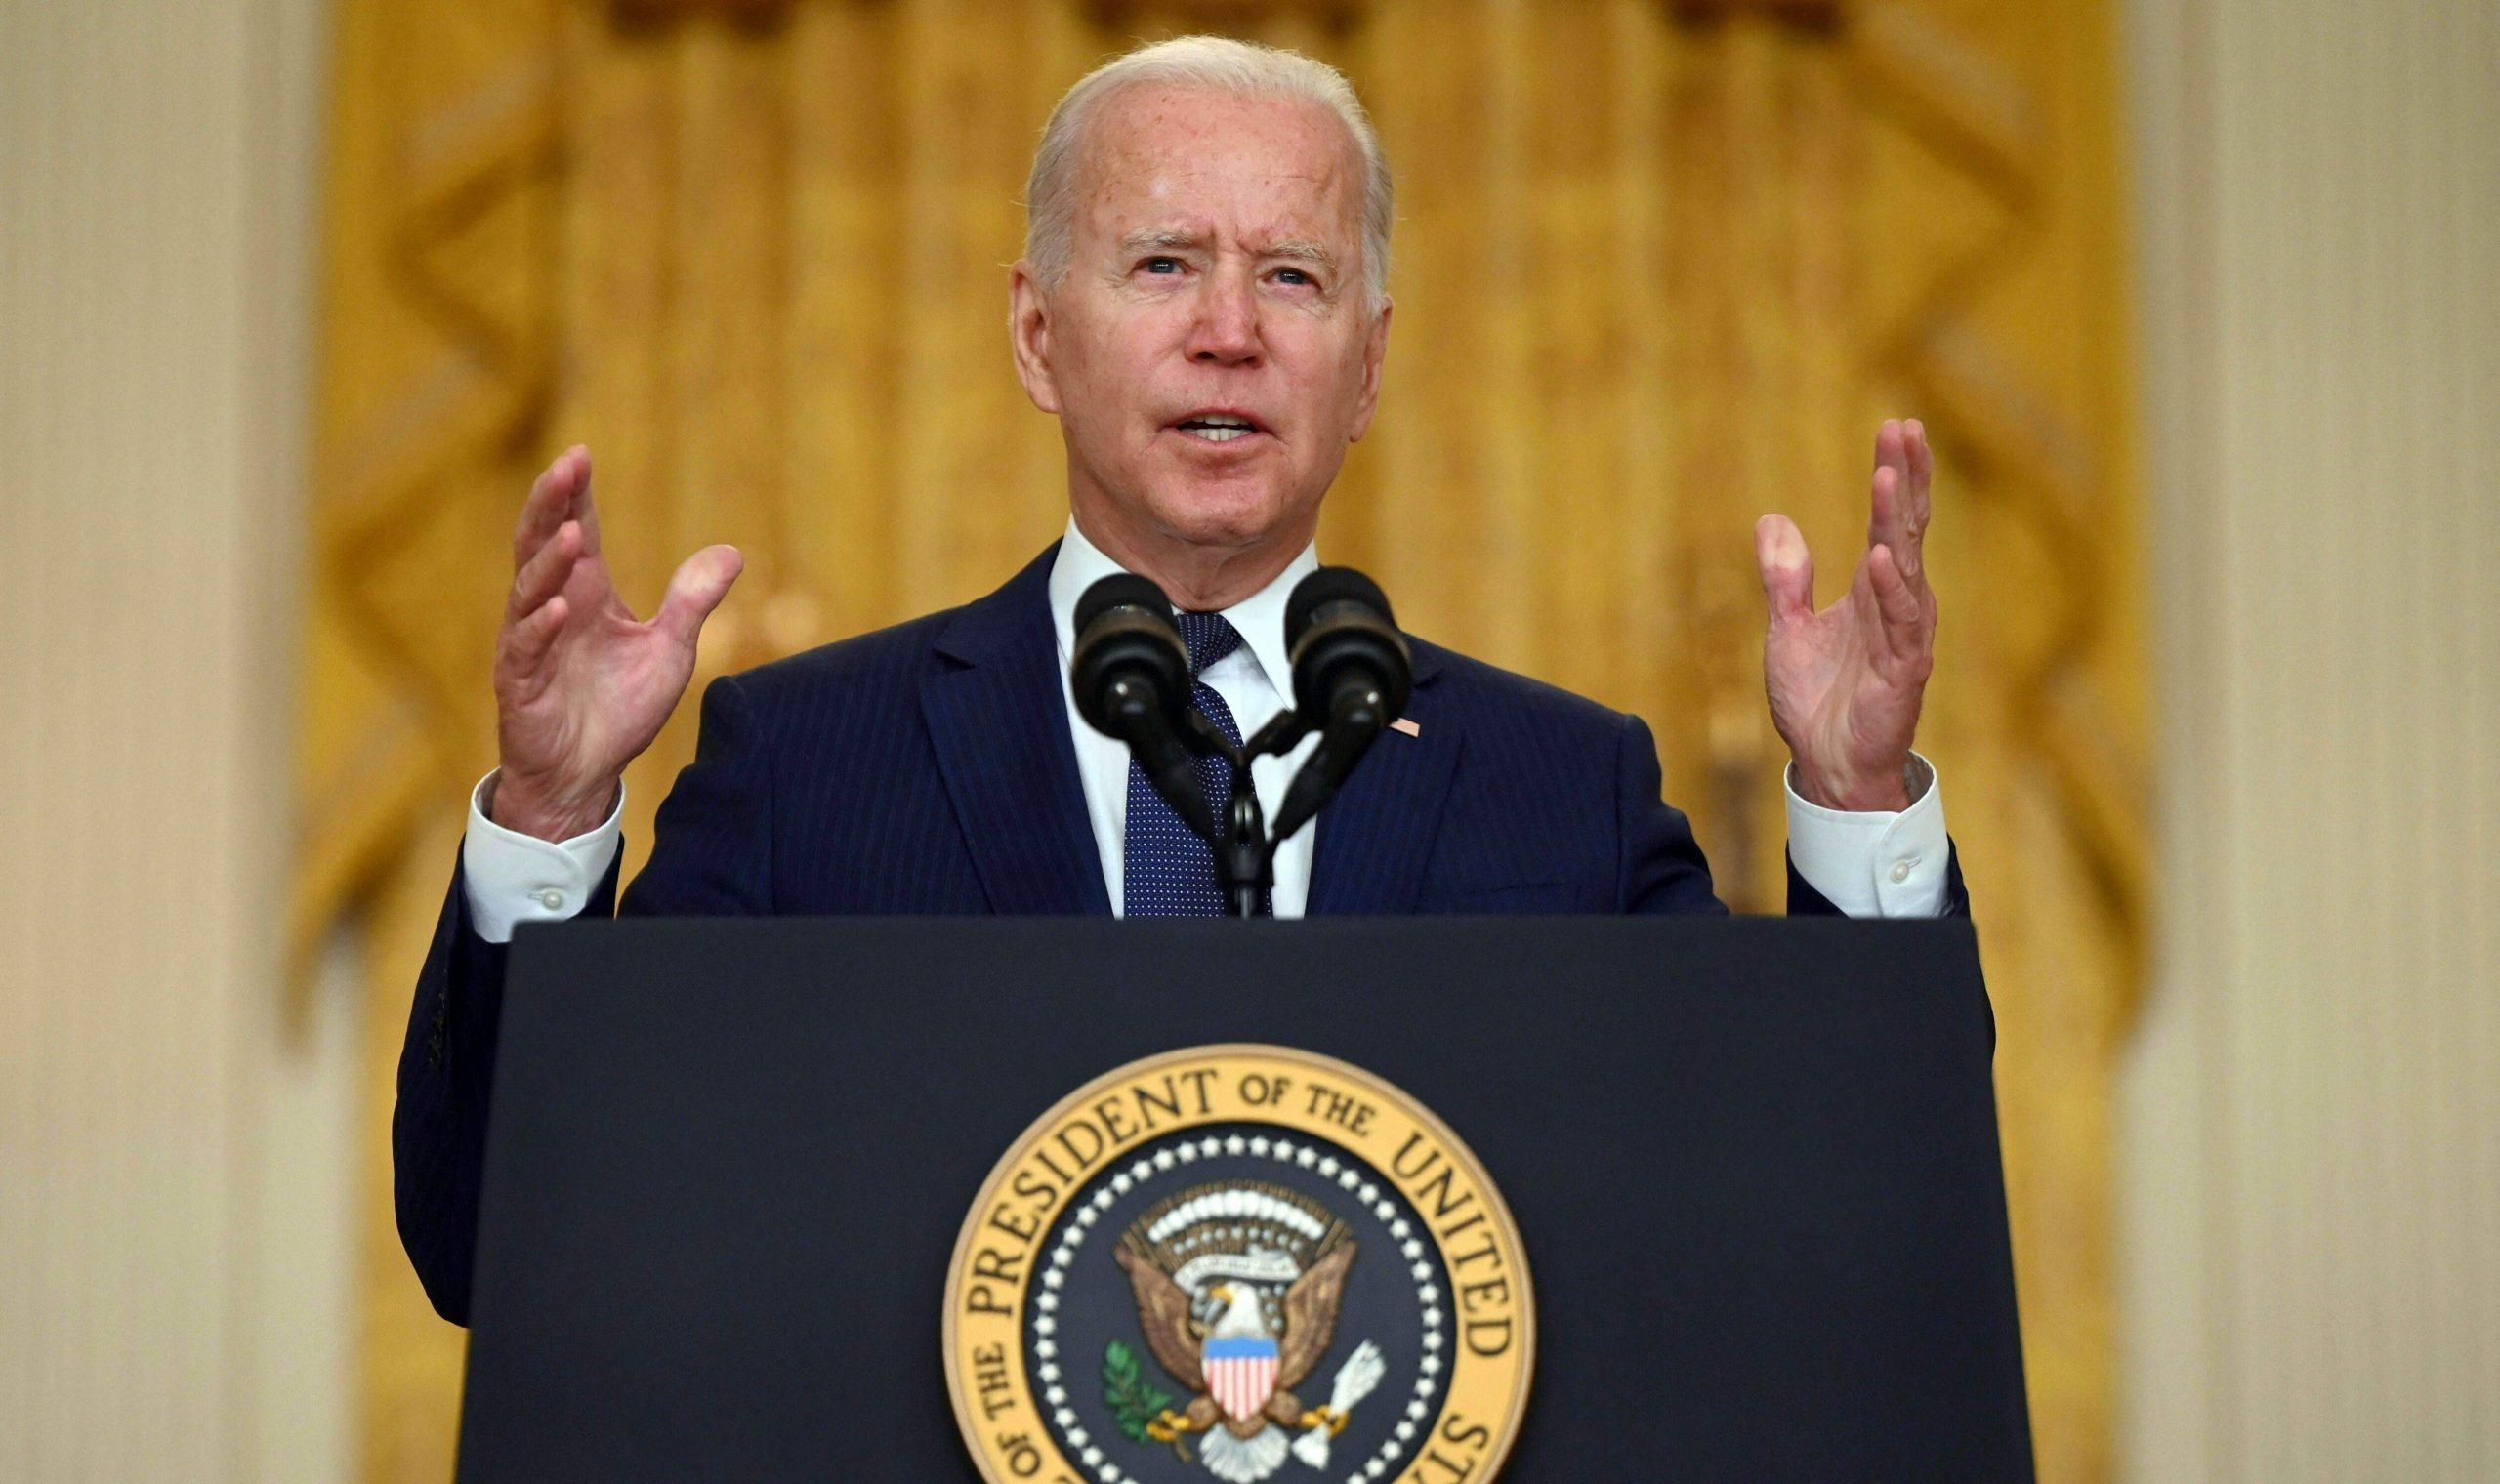 Biden jura vengarse de los perpetradores del doble atentado de Kabul